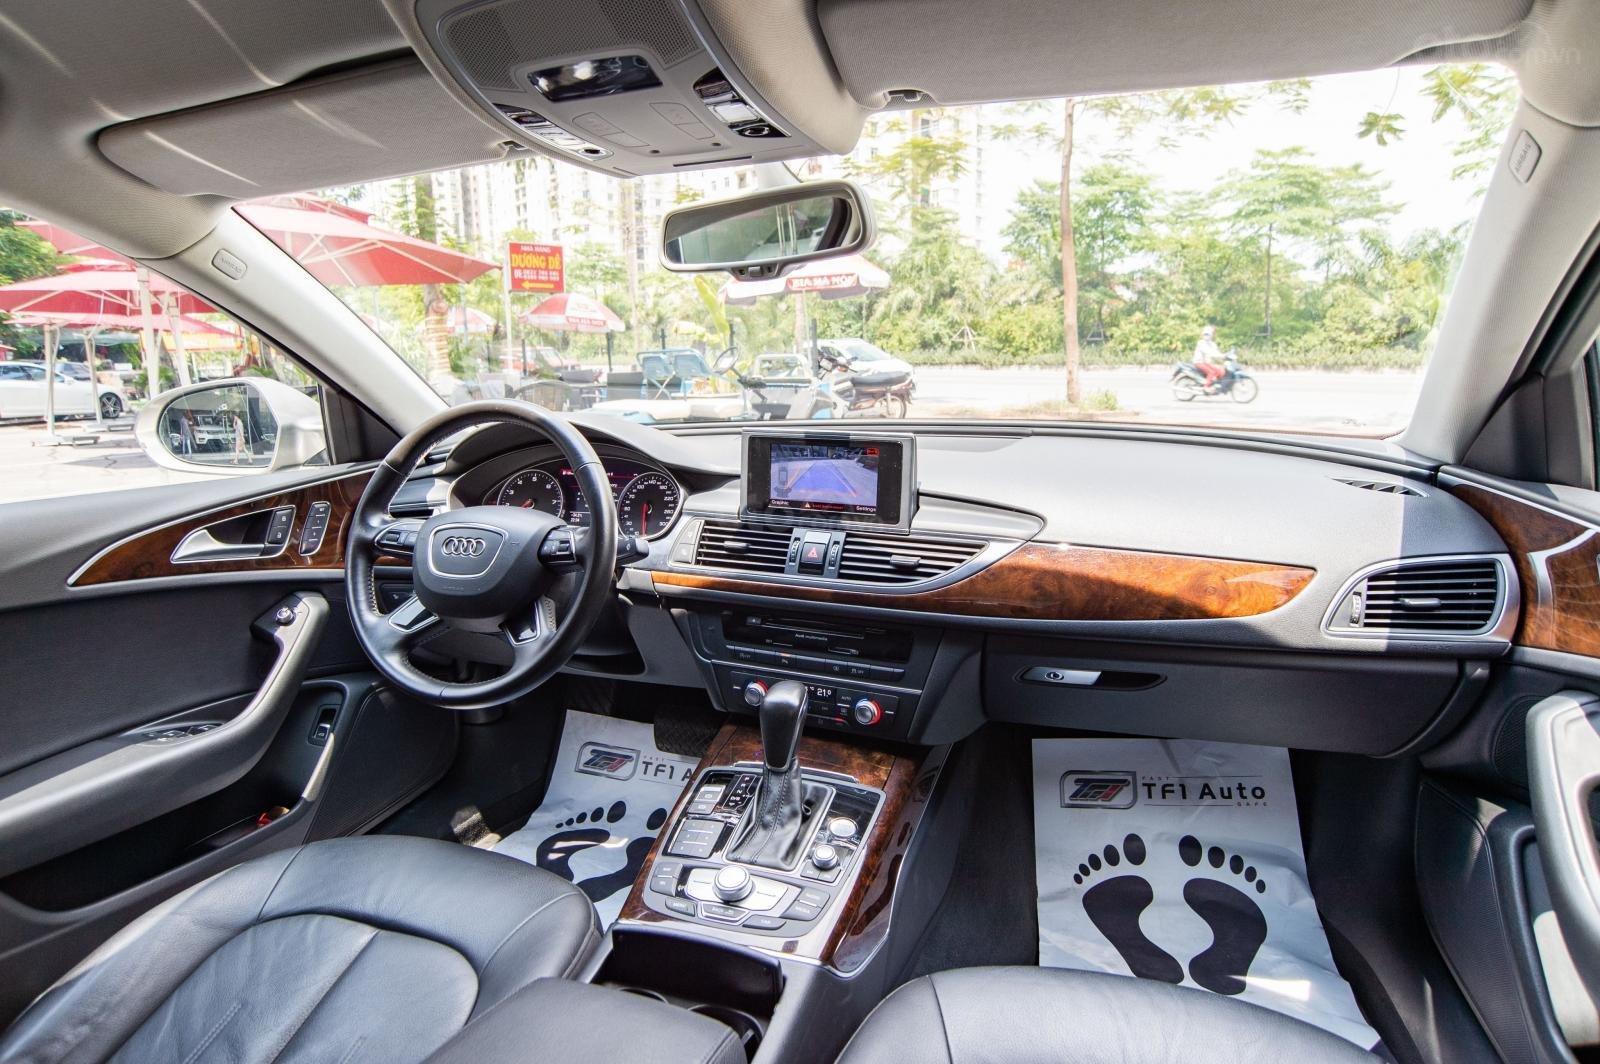 Cần bán xe Audi A6 1.8 TFSI sản xuất 2016, đăng kí 2017, biển Hà Nội (8)